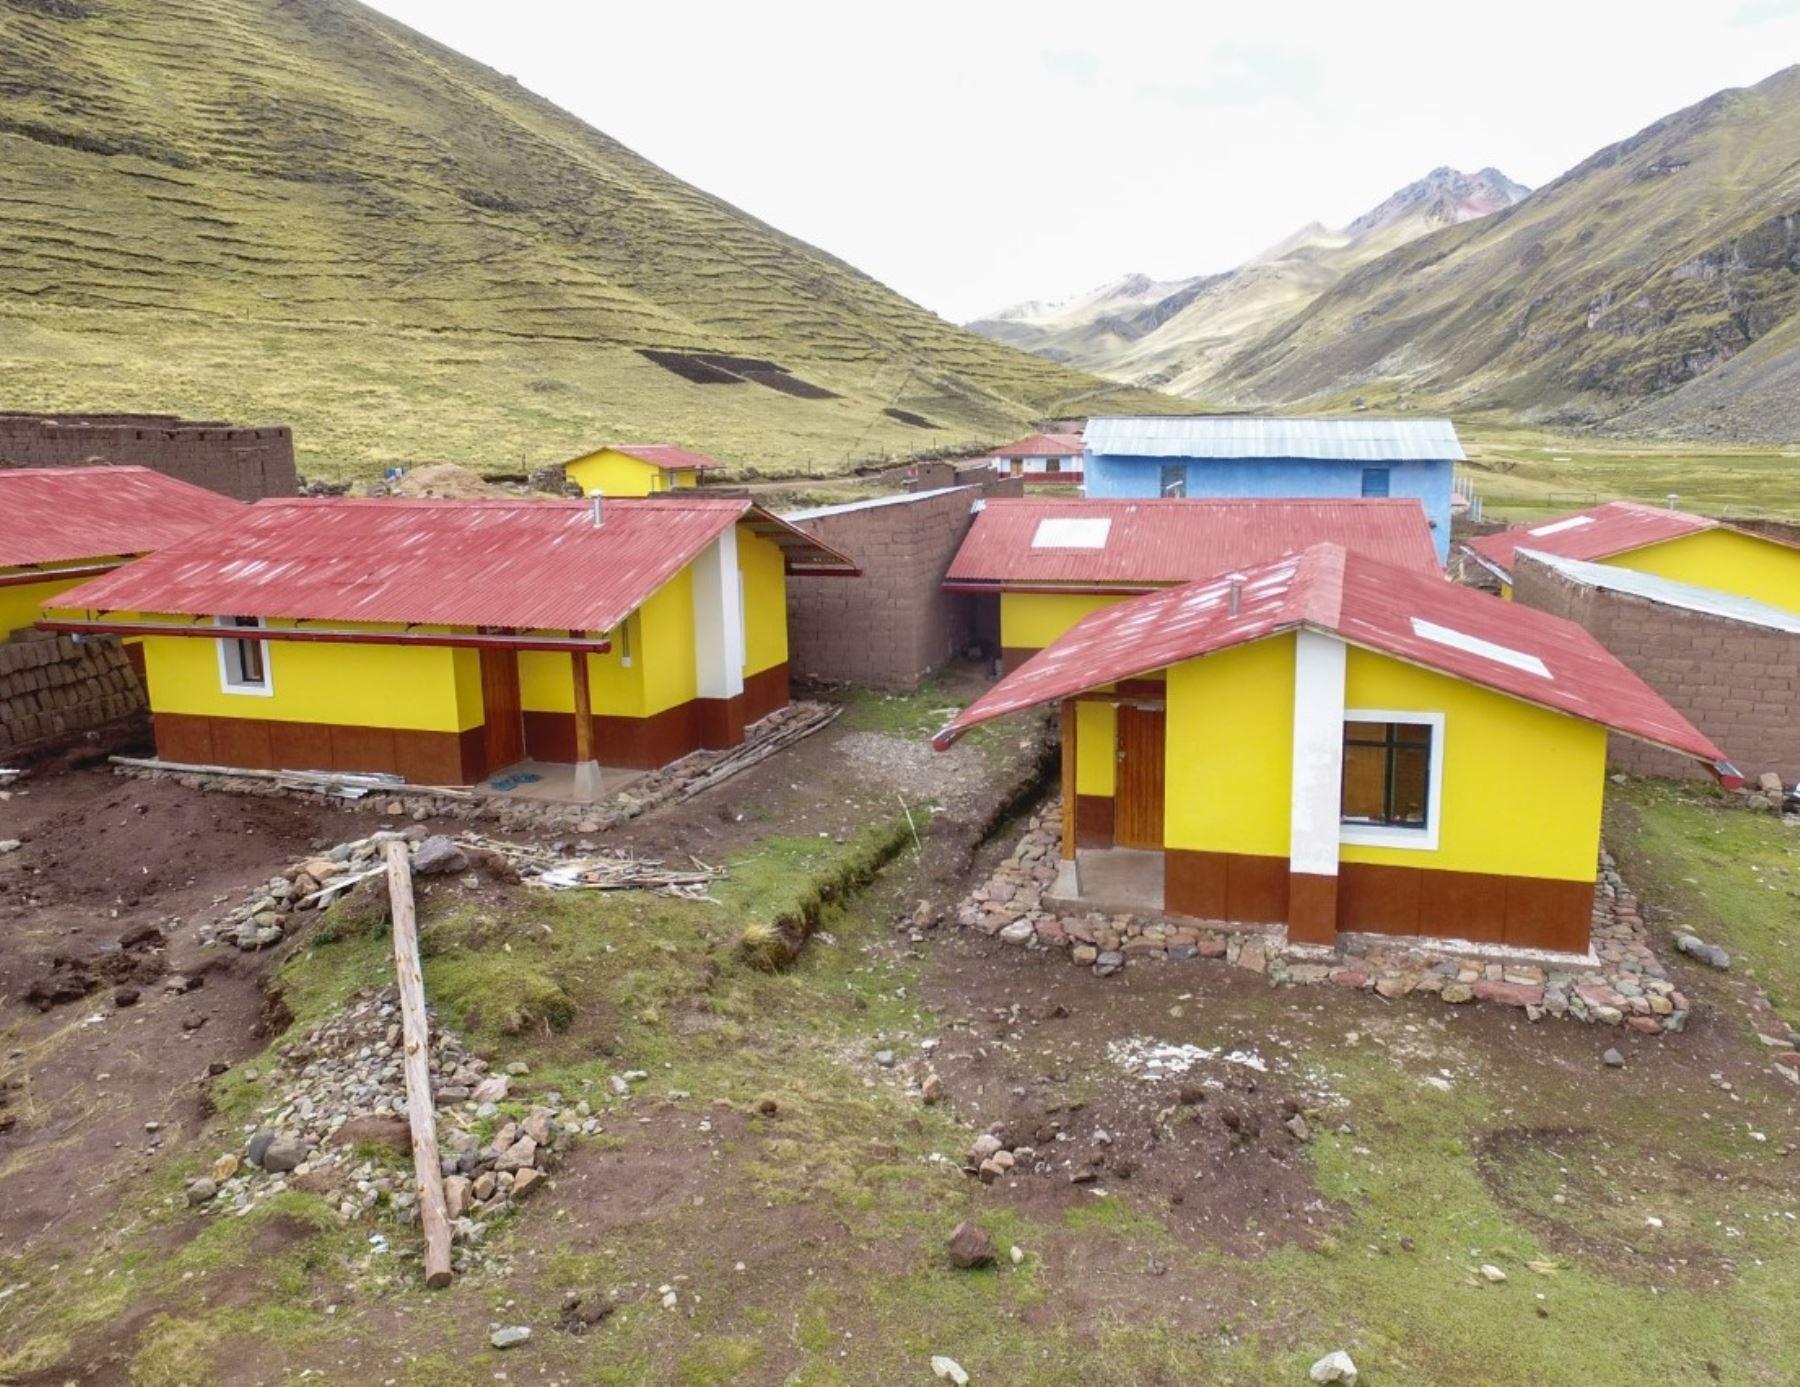 Ministerio de Vivienda construirá este año 150 viviendas bioclimáticas en Áncash. Foto: ANDINA/difusión.